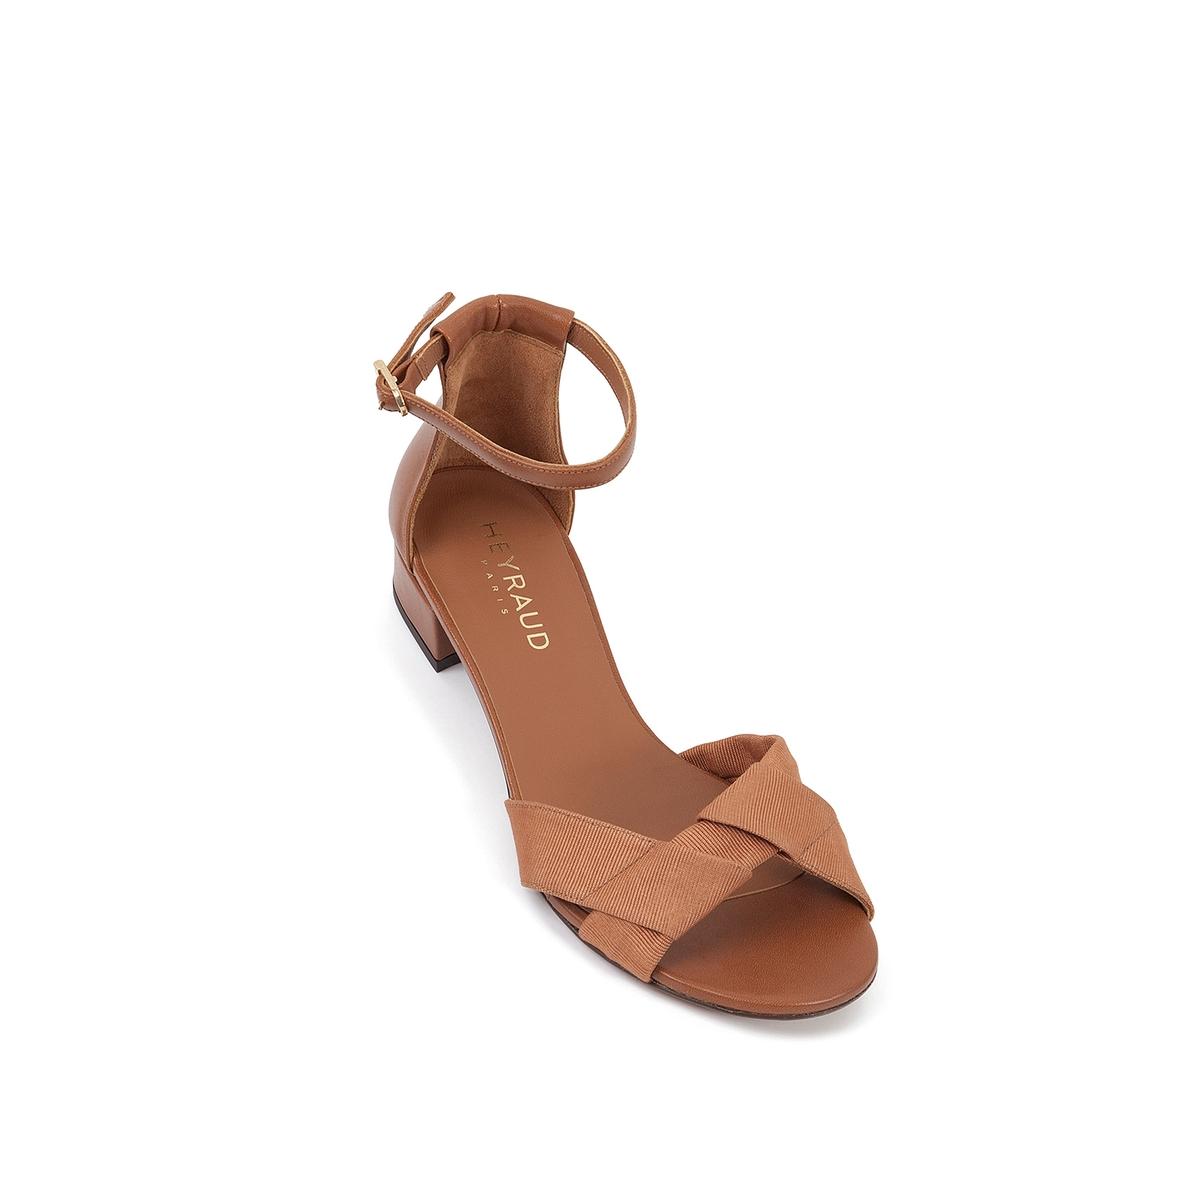 Босоножки кожаные EleanaВерх : кожа   Подкладка : кожа   Стелька : кожа   Подошва : кожа   Высота каблука : 2 см   Форма каблука : плоский каблук   Мысок : закругленный мысок   Застежка : ремешок<br><br>Цвет: коньячный